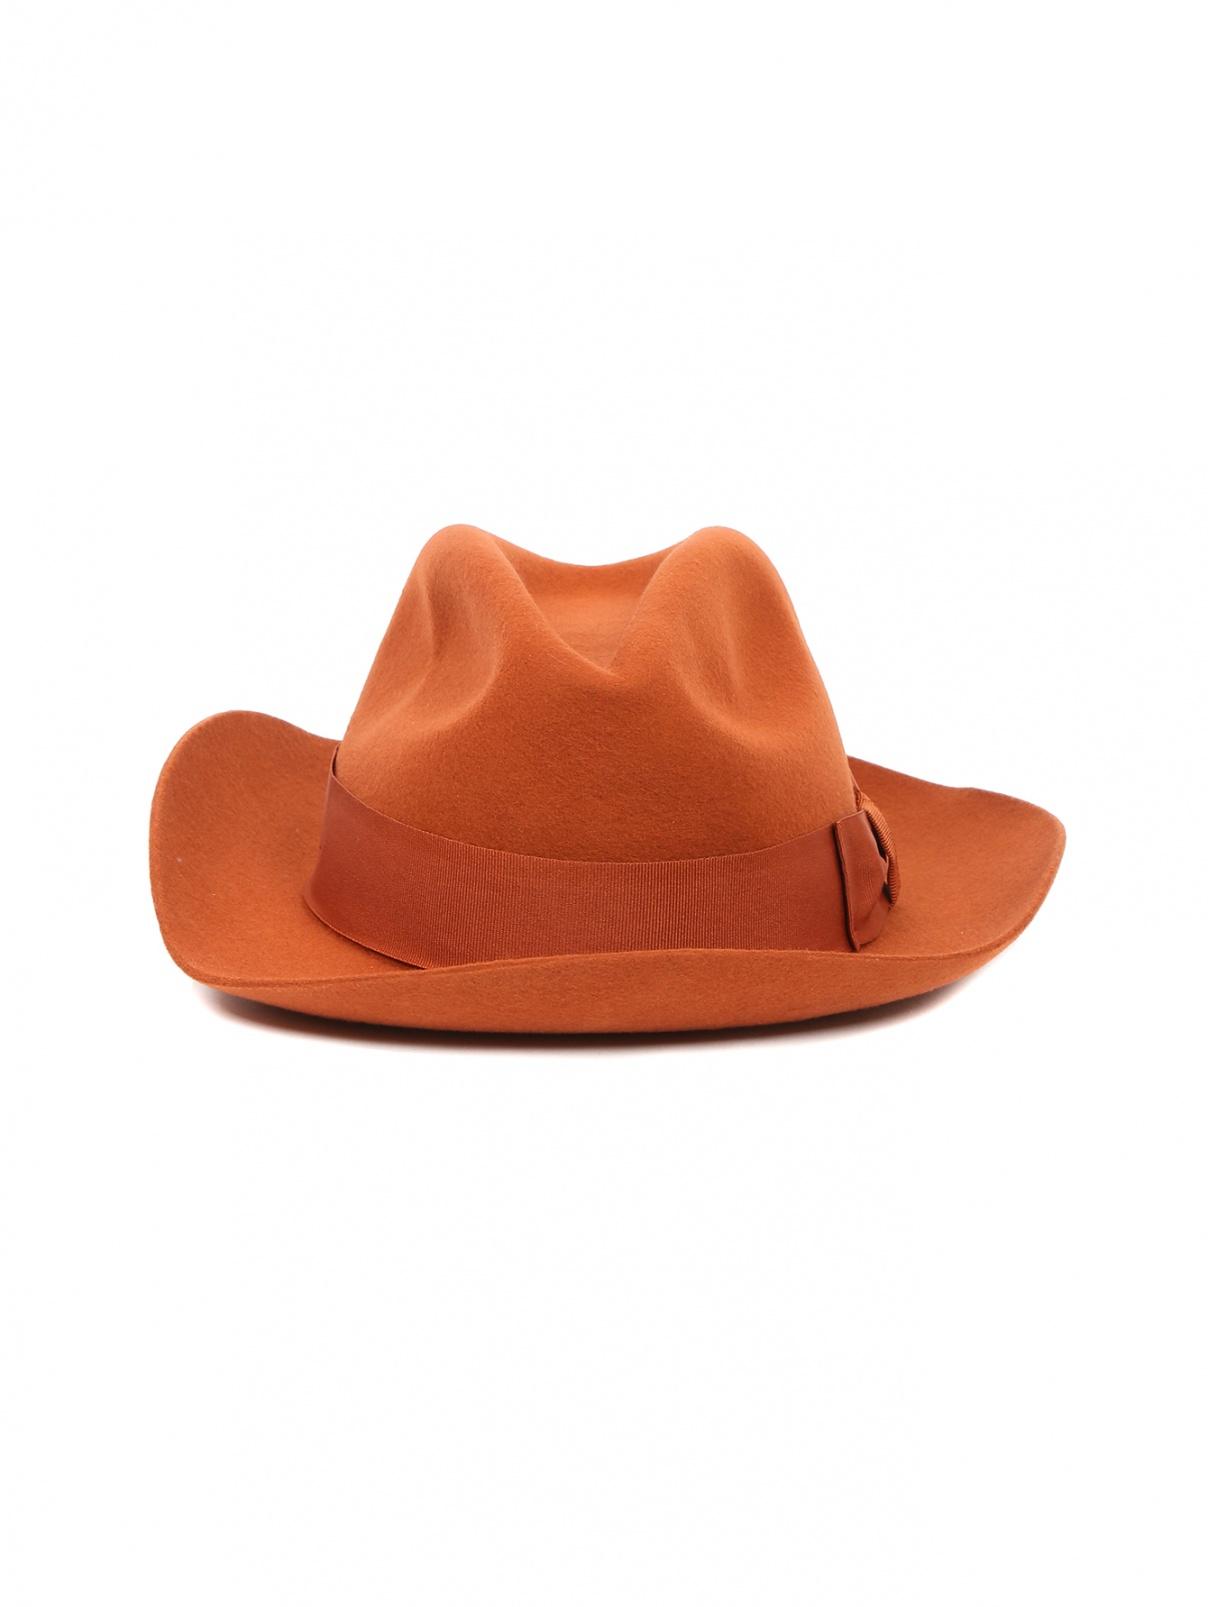 Шляпа из шерсти Paul Smith  –  Общий вид  – Цвет:  Оранжевый